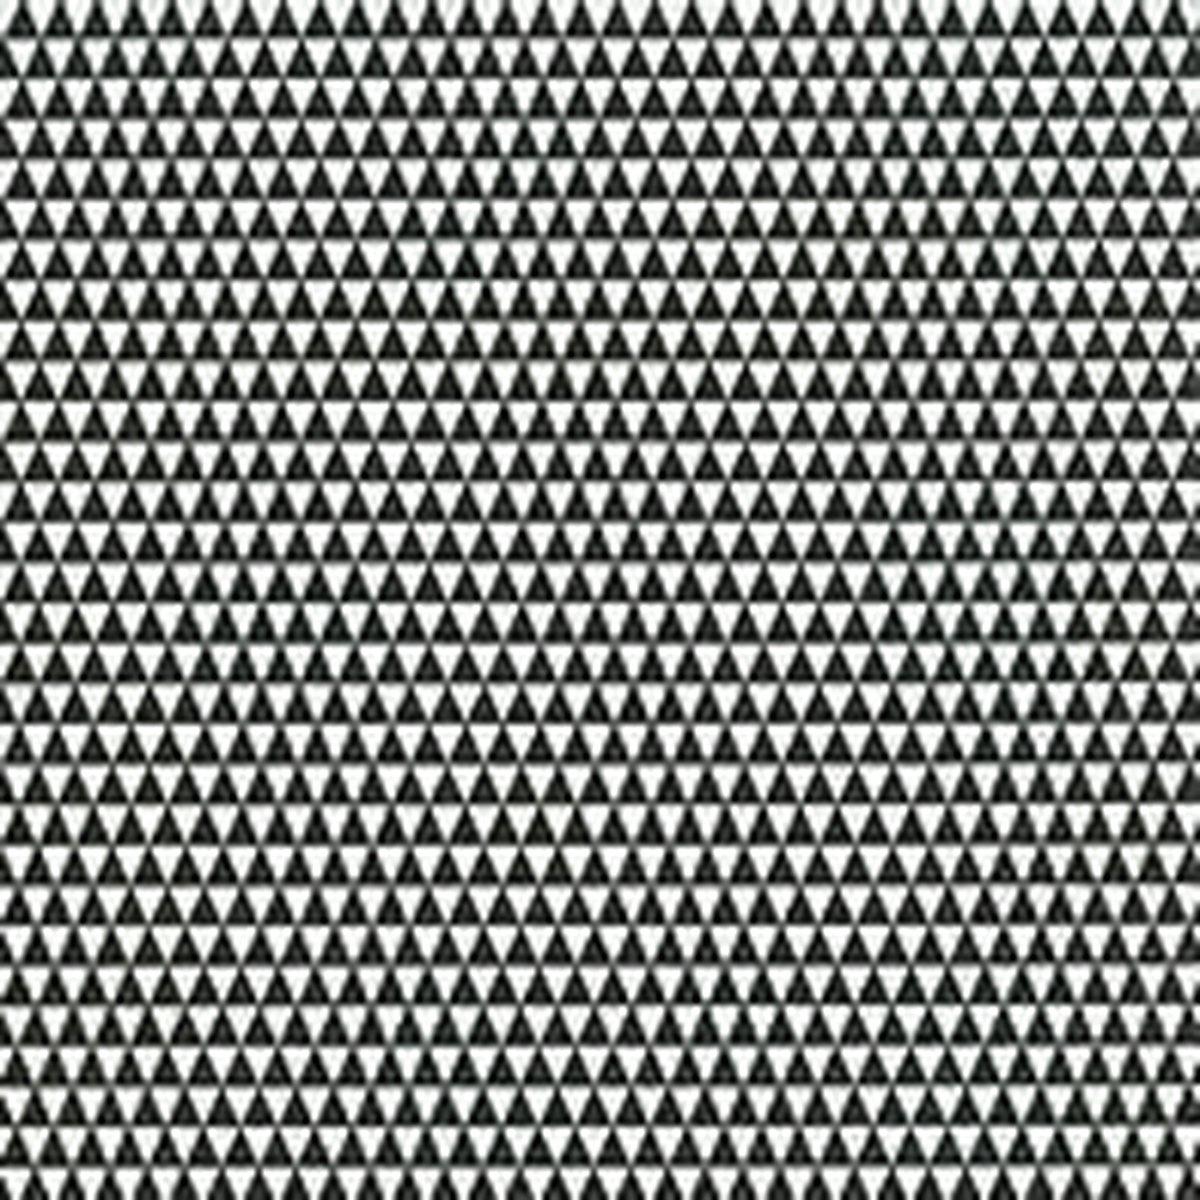 20x Servetten zwart/wit driehoekjes 33 x 33 cm - driehoekjes tafeldecoratie servetjes - Motief thema papieren tafeldecoraties - Merkloos